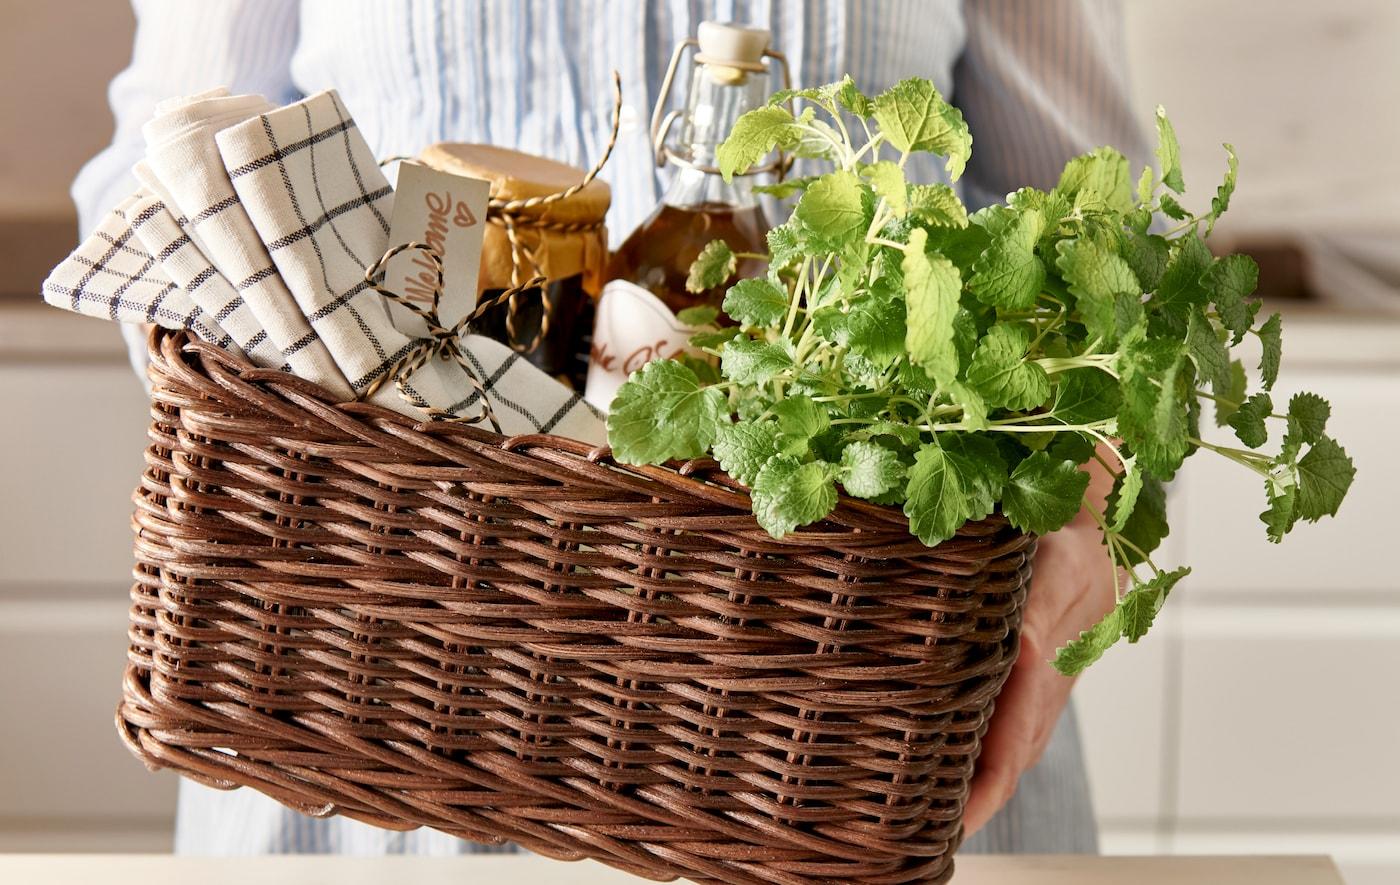 Eine Person überreicht einen Korb mit selbstgemachten Köstlichkeiten als Willkommensgruß für neue Nachbarn.